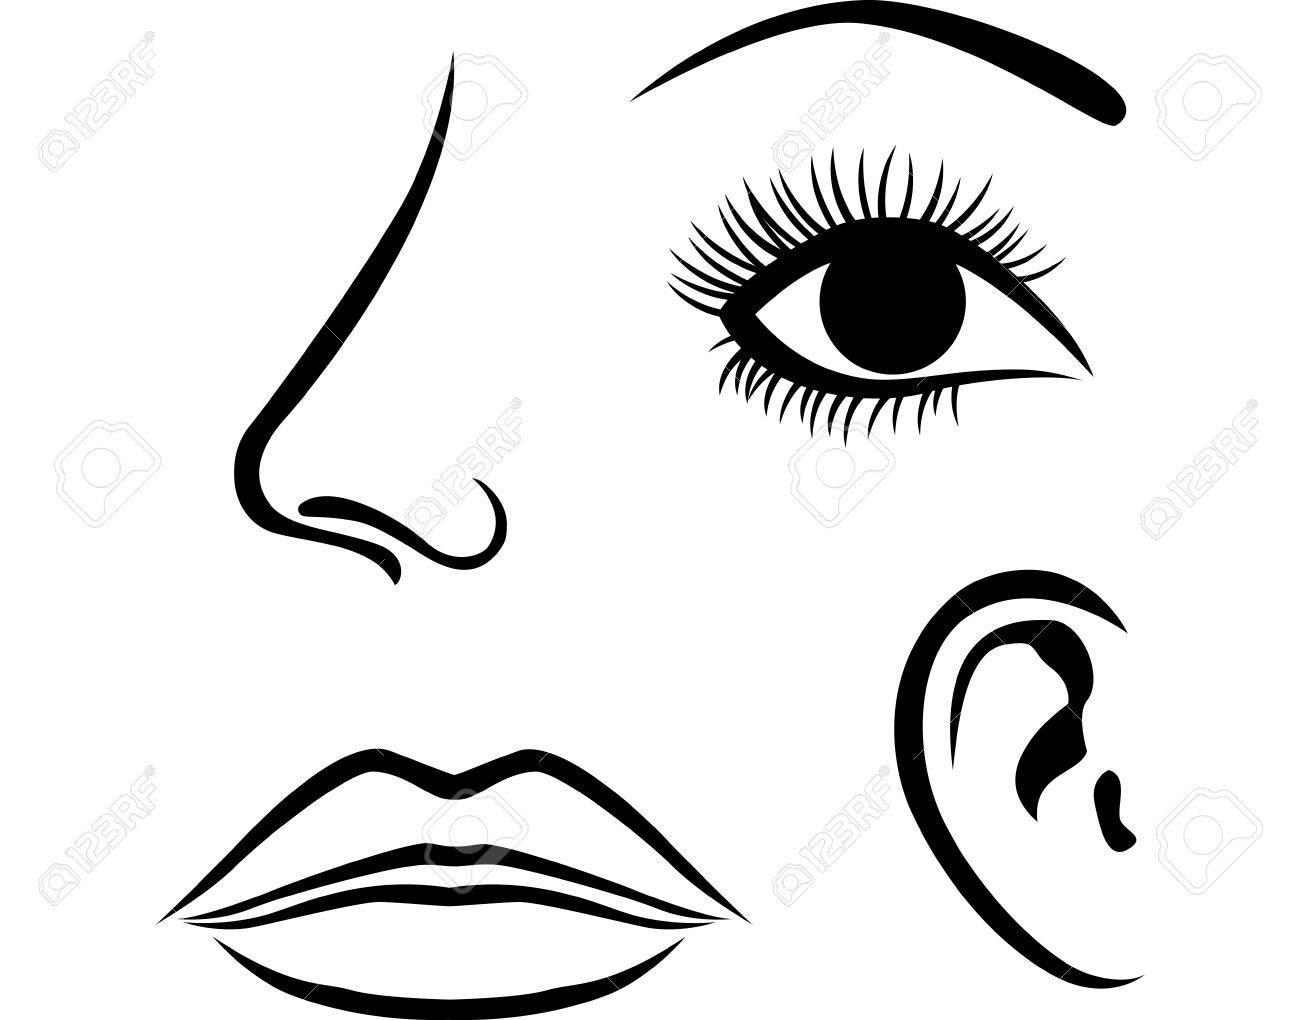 Eyes And Lips Drawing At Getdrawings